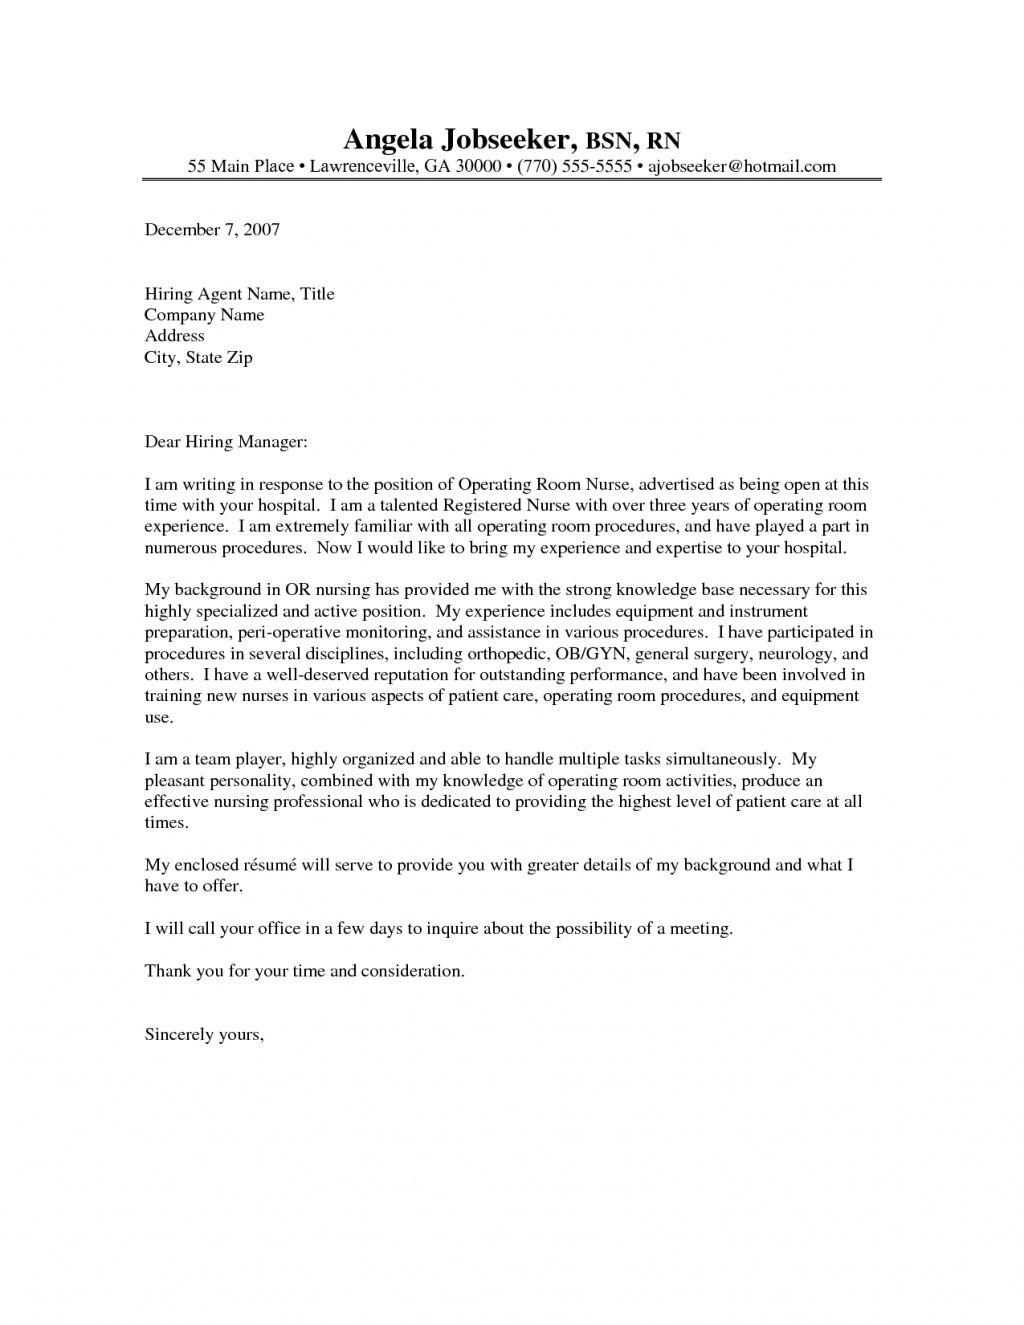 27+ New Grad Rn Cover Letter Cover letter for resume